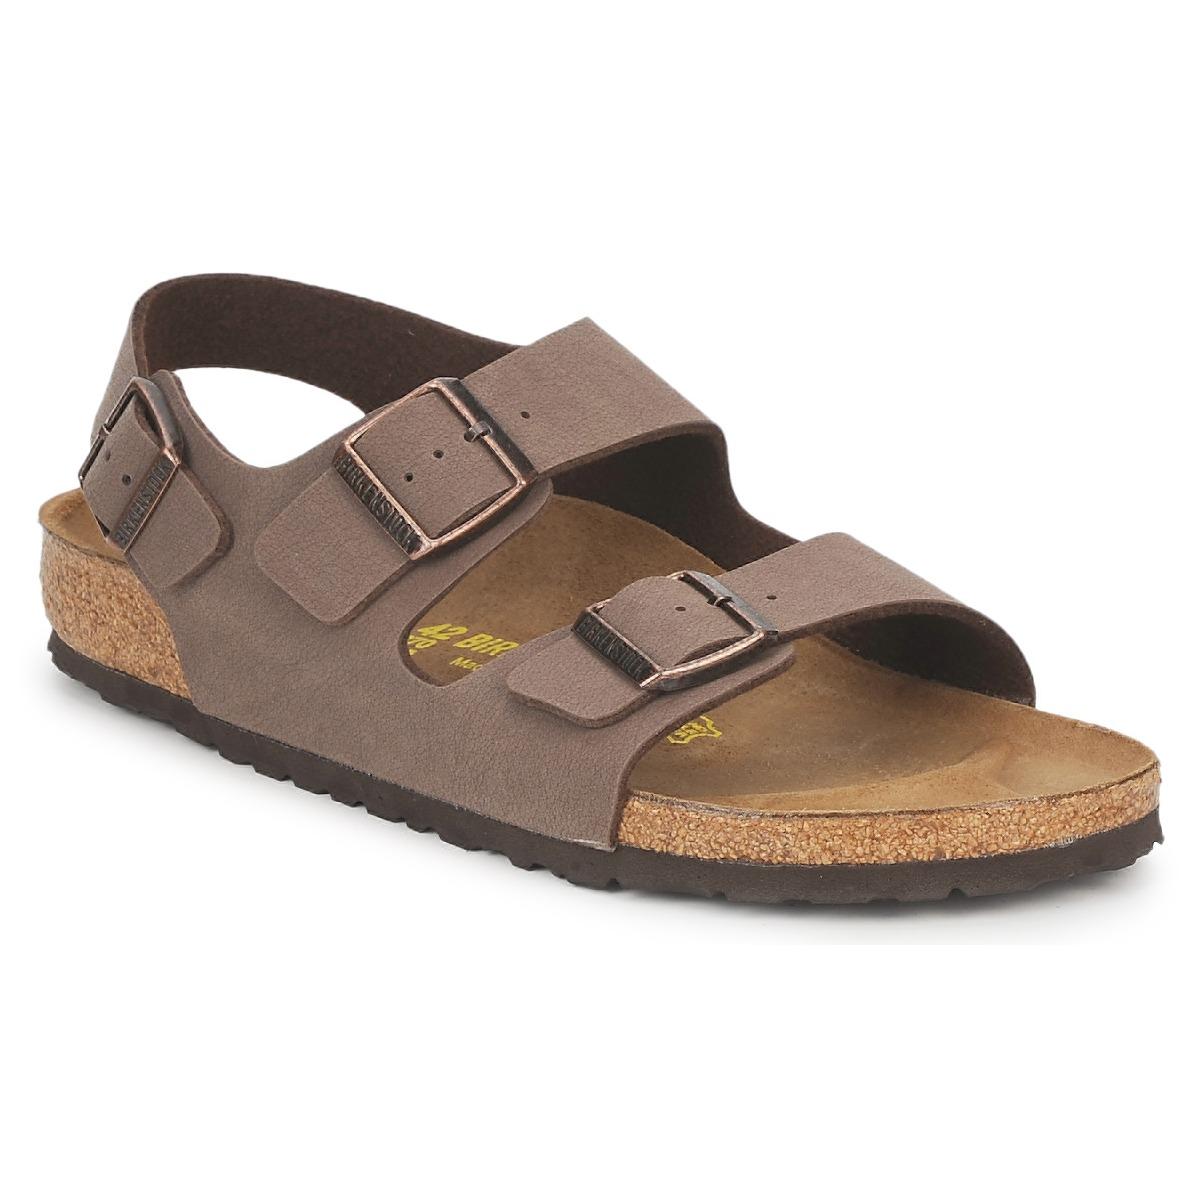 sandales birkenstock soldes